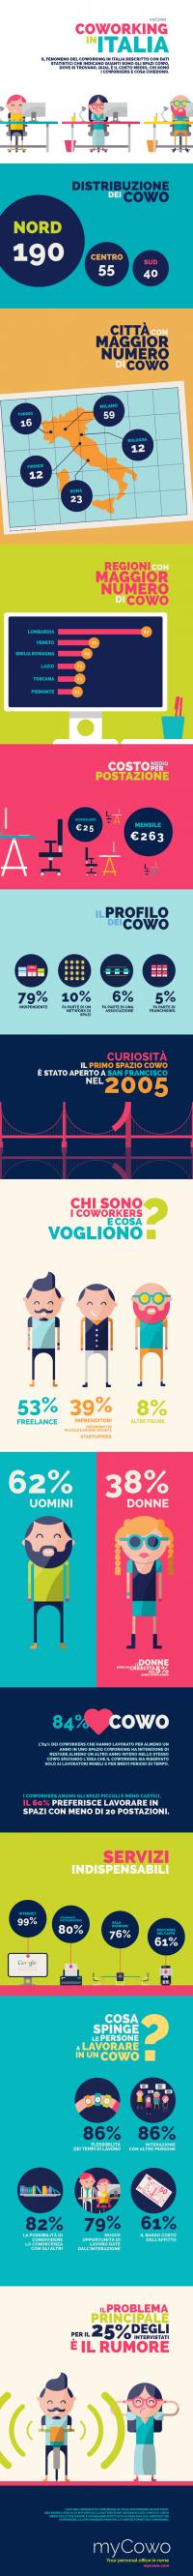 infografica sul coworking in italia